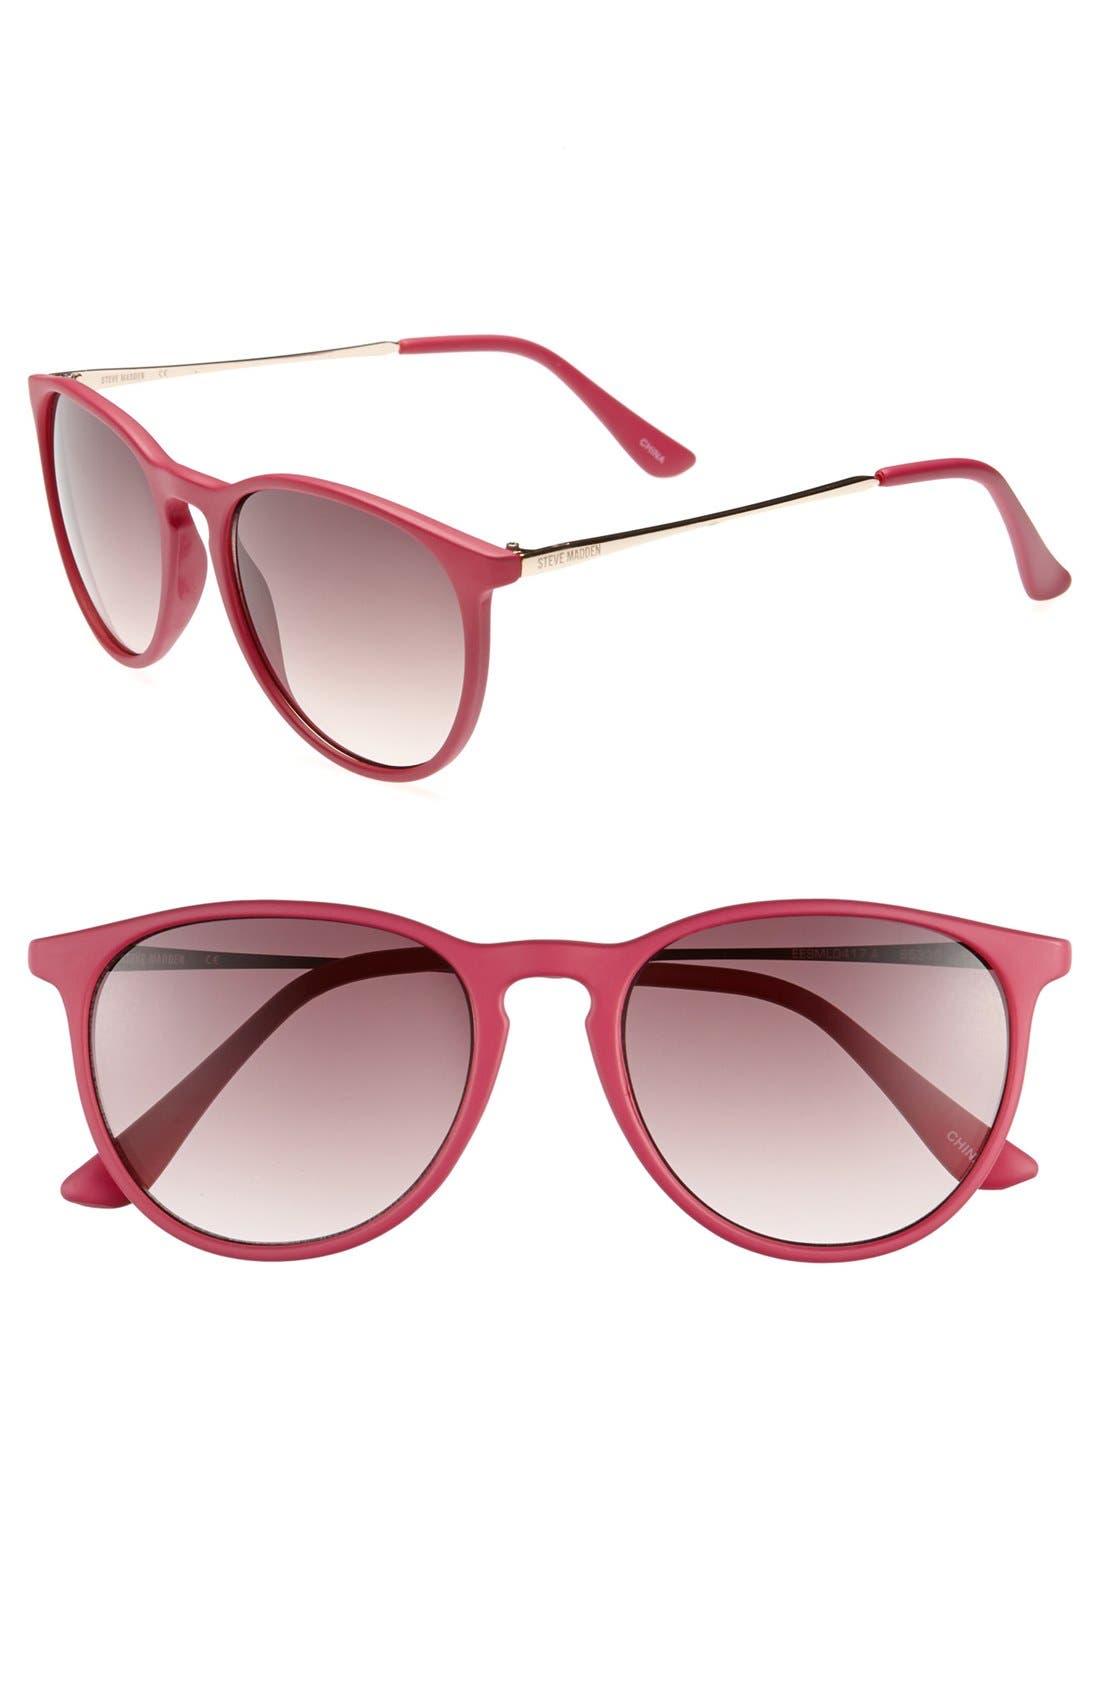 Alternate Image 1 Selected - Steve Madden Retro Sunglasses